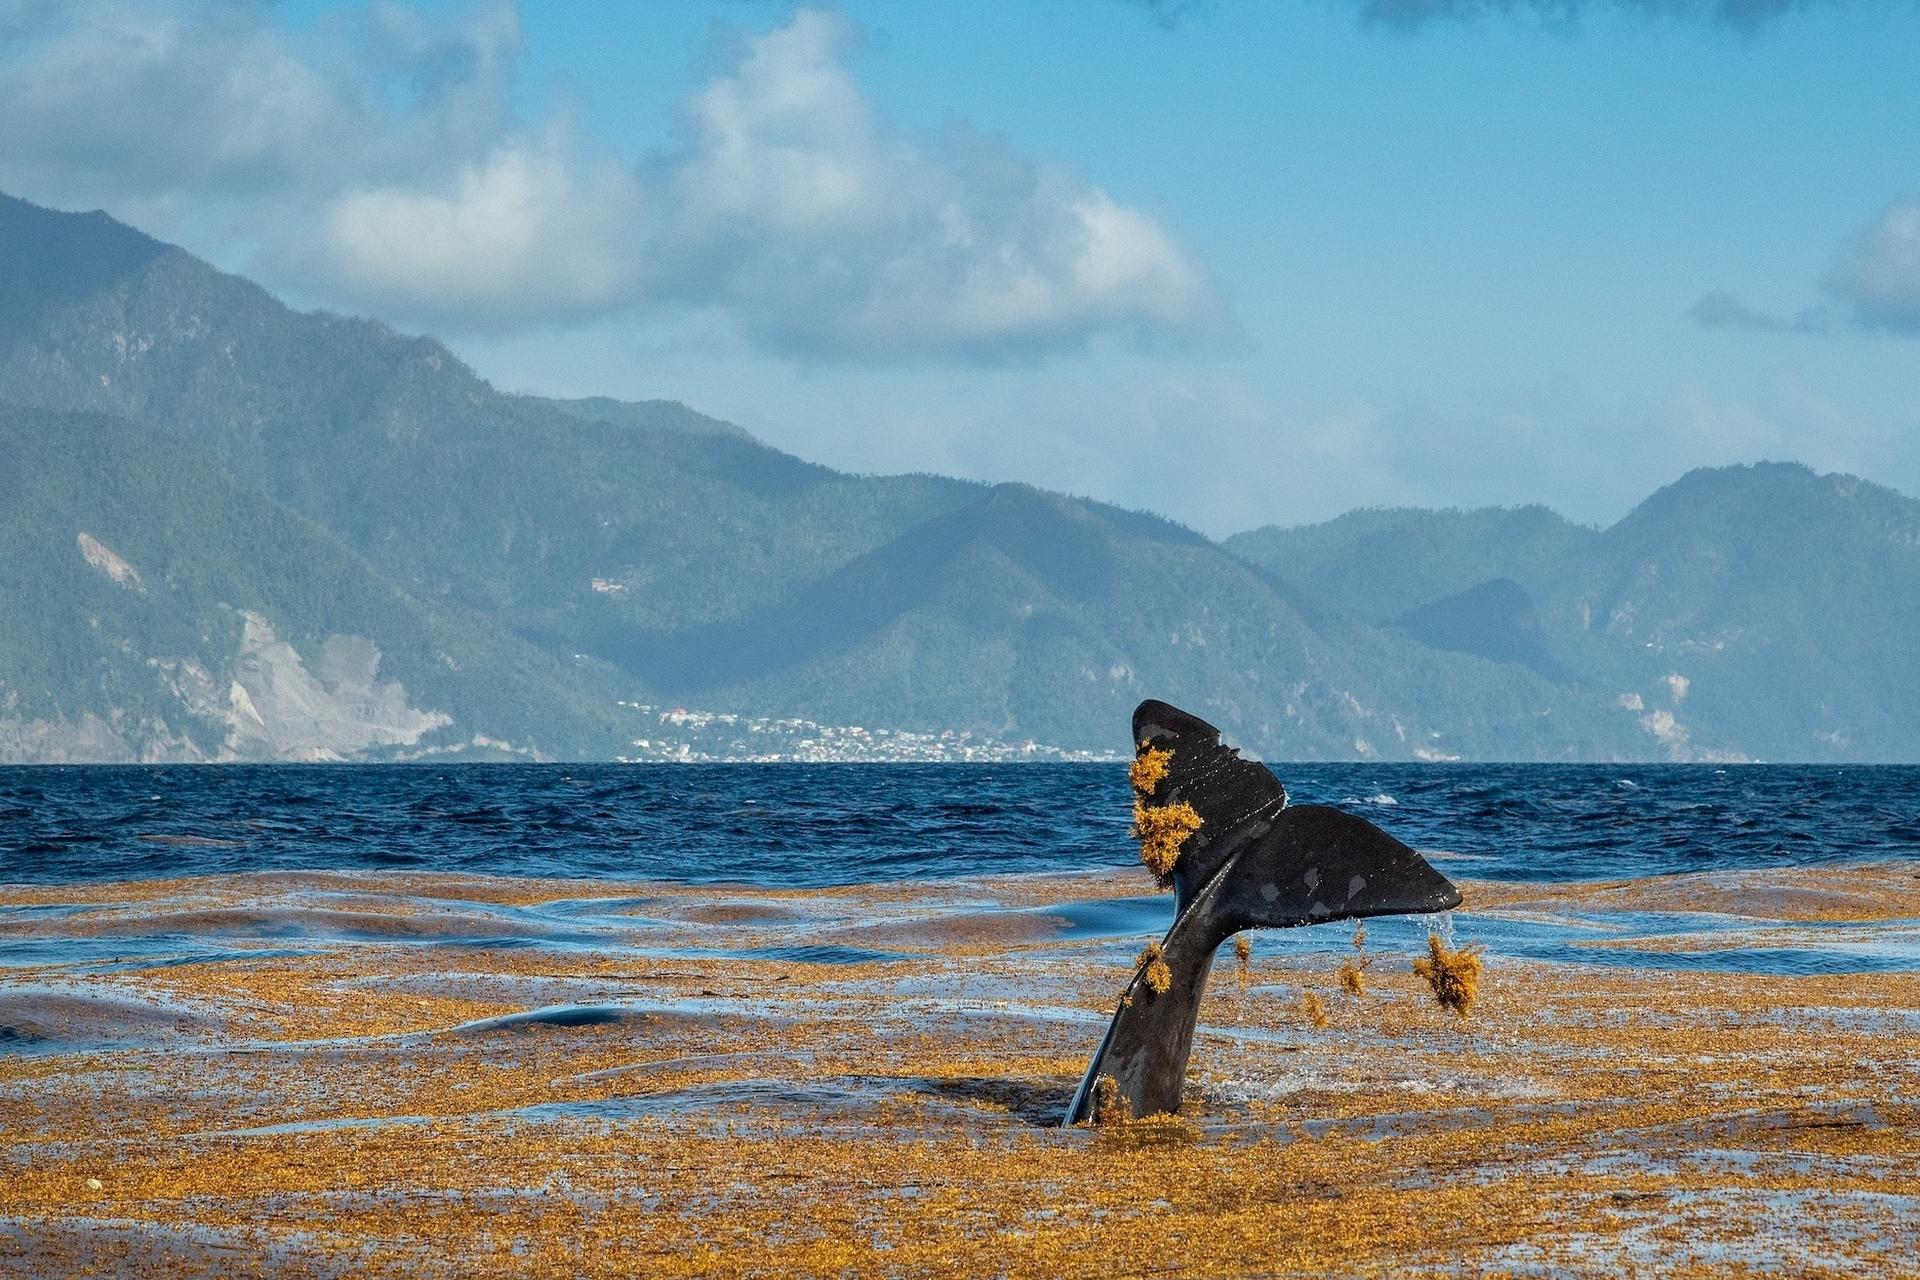 一隻抹香鯨在多米尼克外海的一片馬尾藻中玩耍。儘管我們很少會見到這種行為,但鯨魚似乎很享受粗糙海草刮擦皮膚的感覺。PHOTOGRAPH BY BRIAN SKERRY